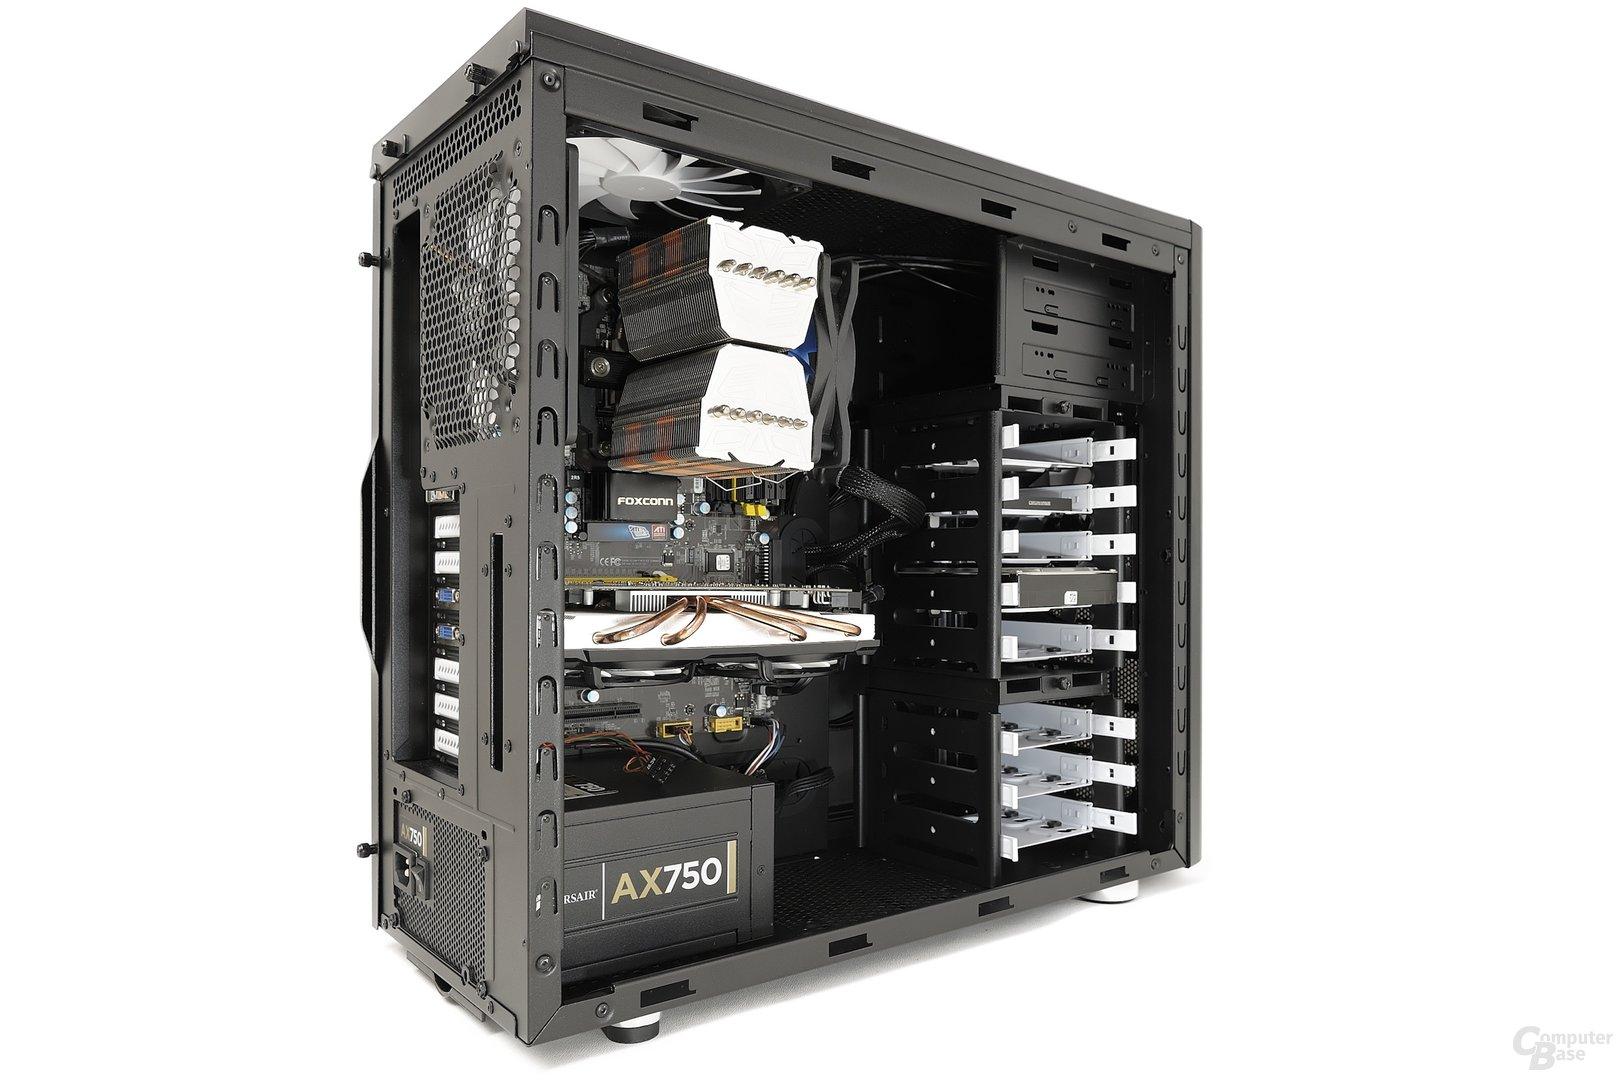 Fractal Design Arc Midi R2 - Testsystem seitlich